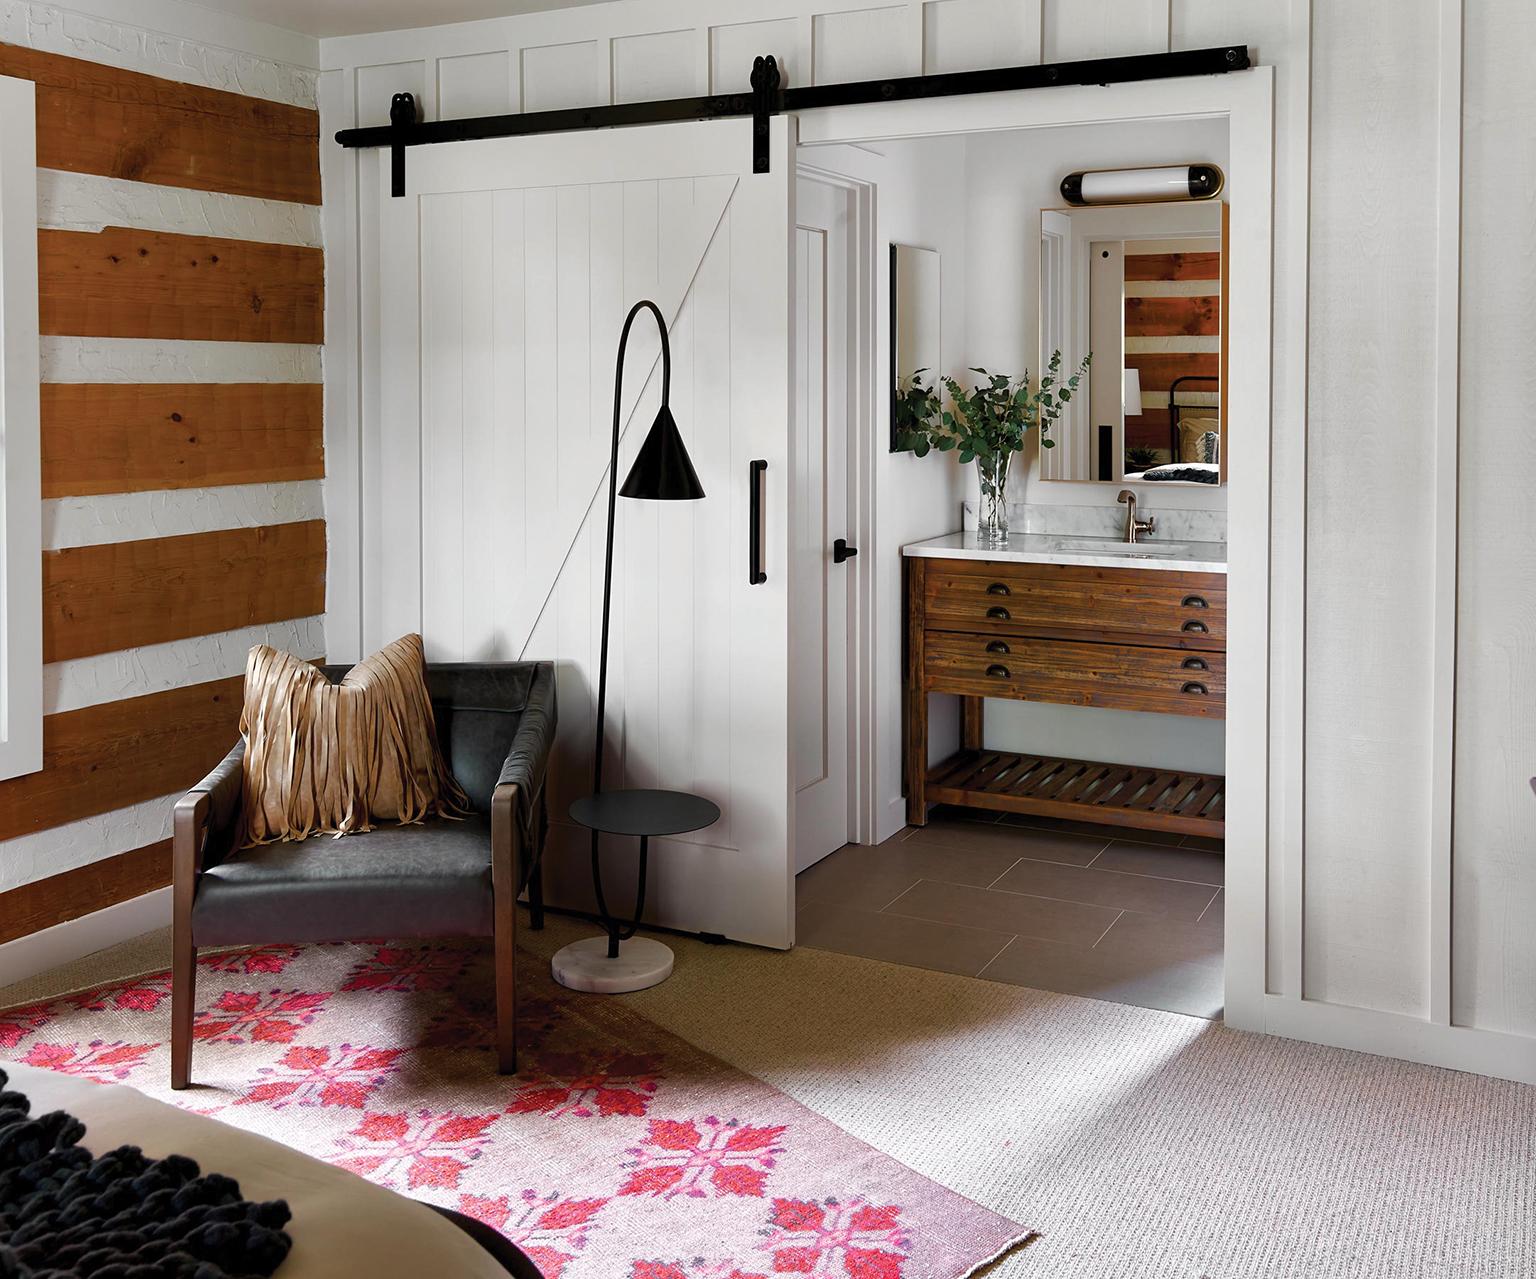 Rumor Design Behr Cabin 05 19 20 Master Bedroom Bath Shadow Web